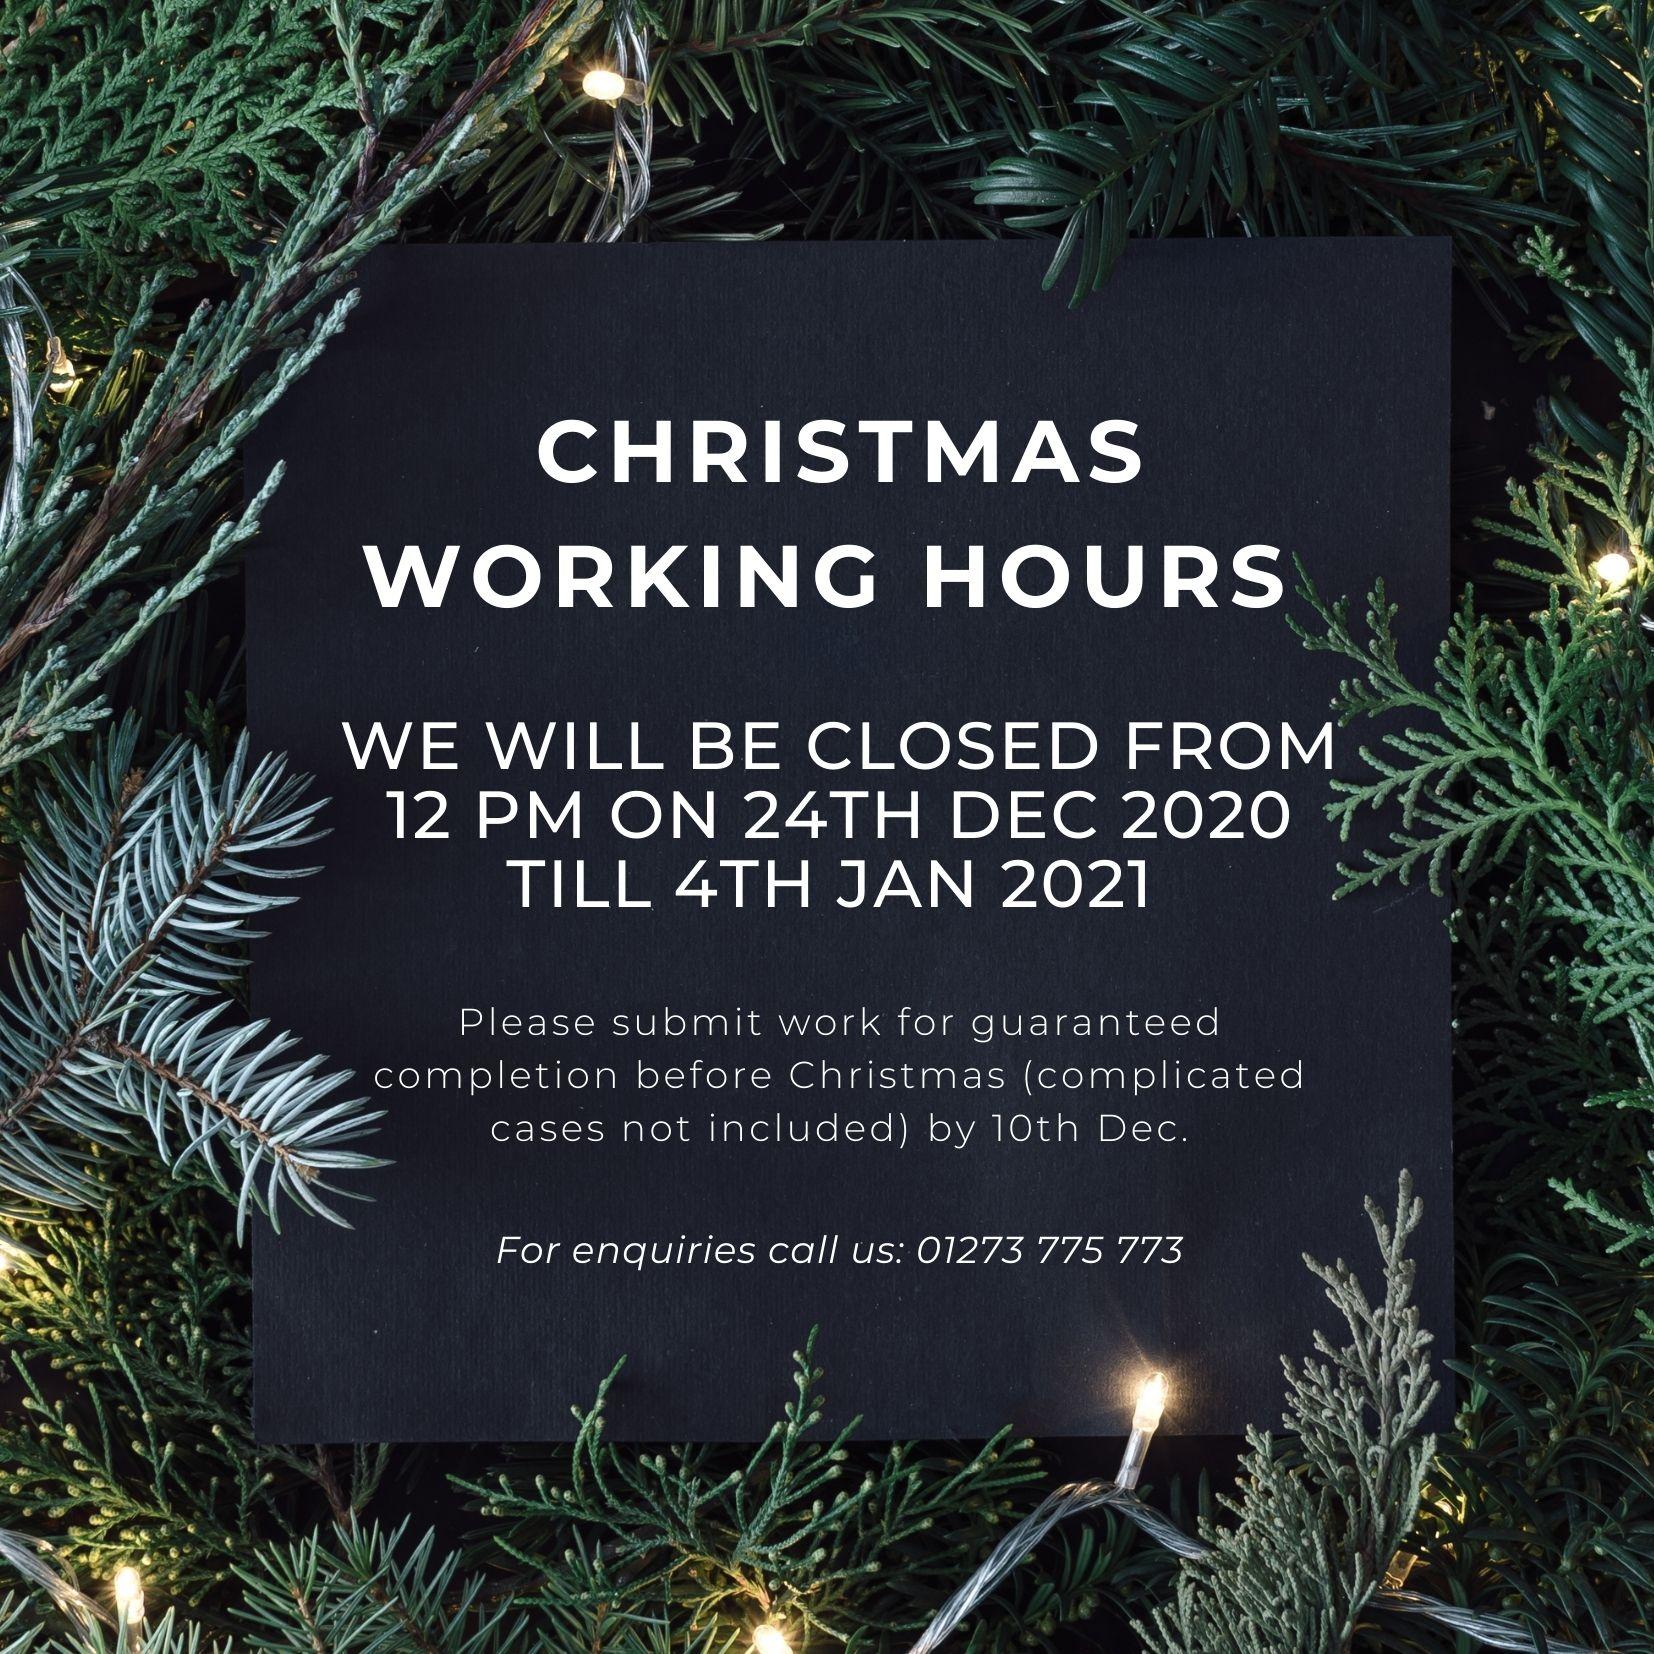 Christmas working times